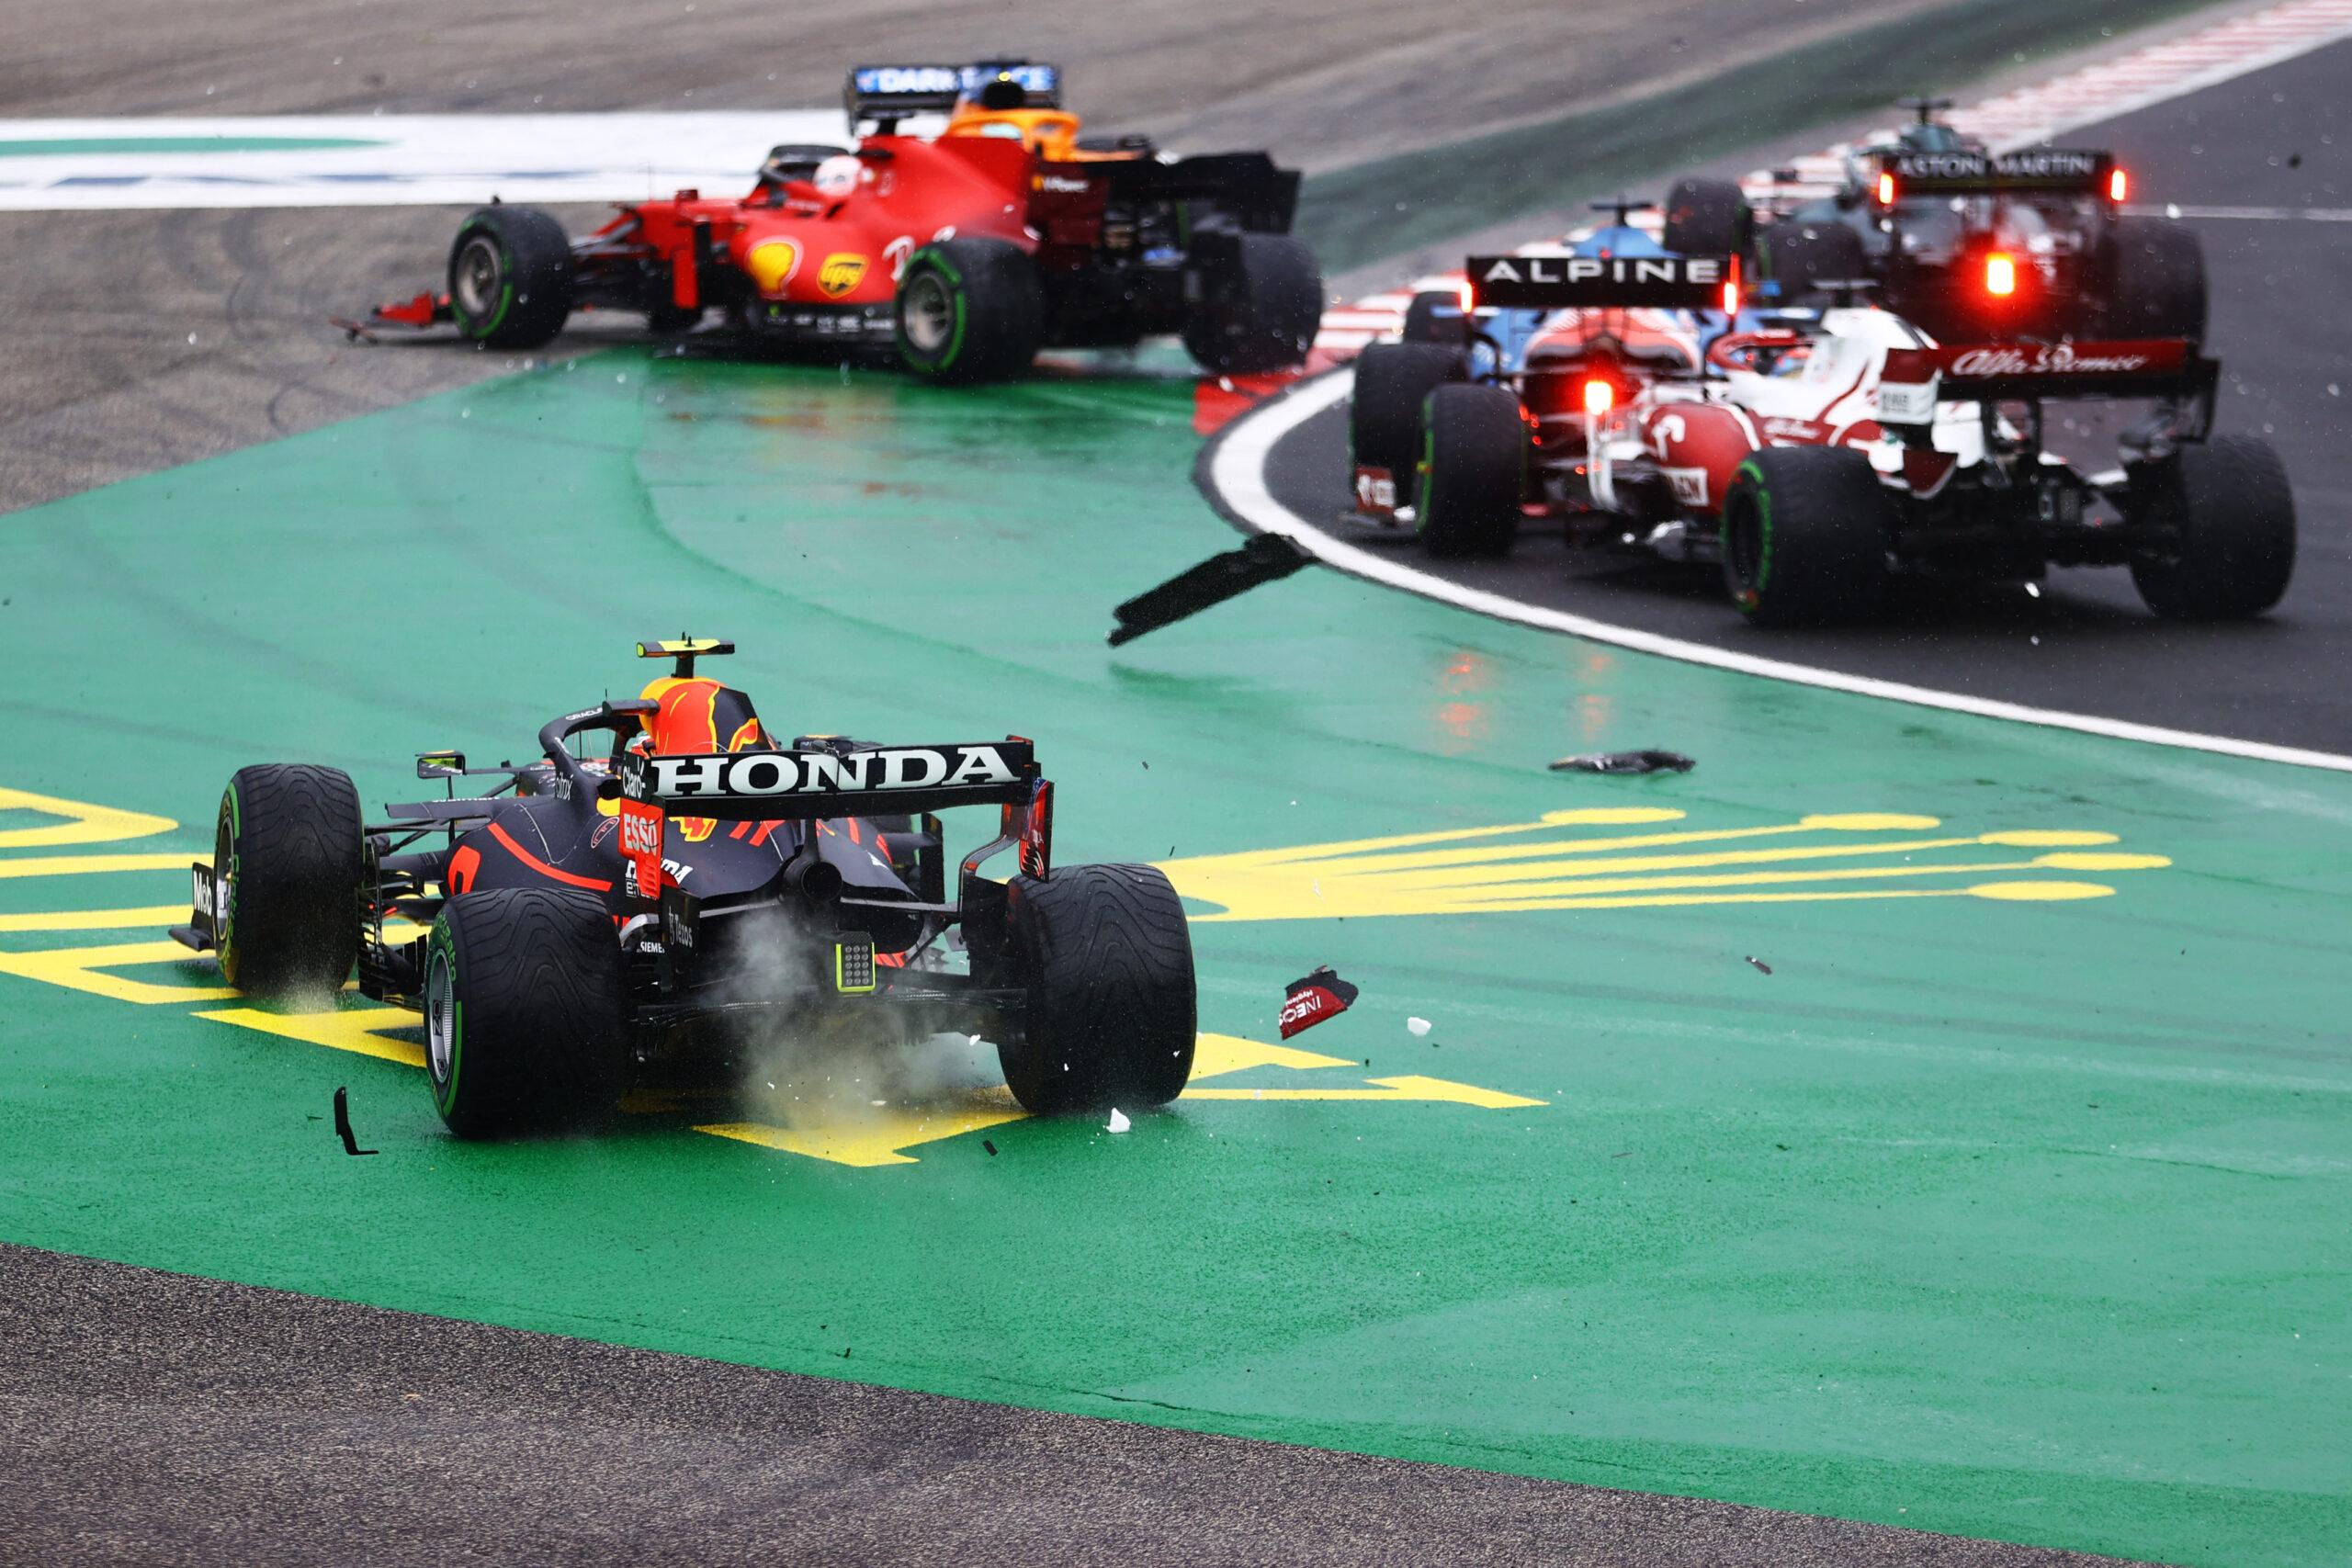 GP Węgier start, Esteban Ocon